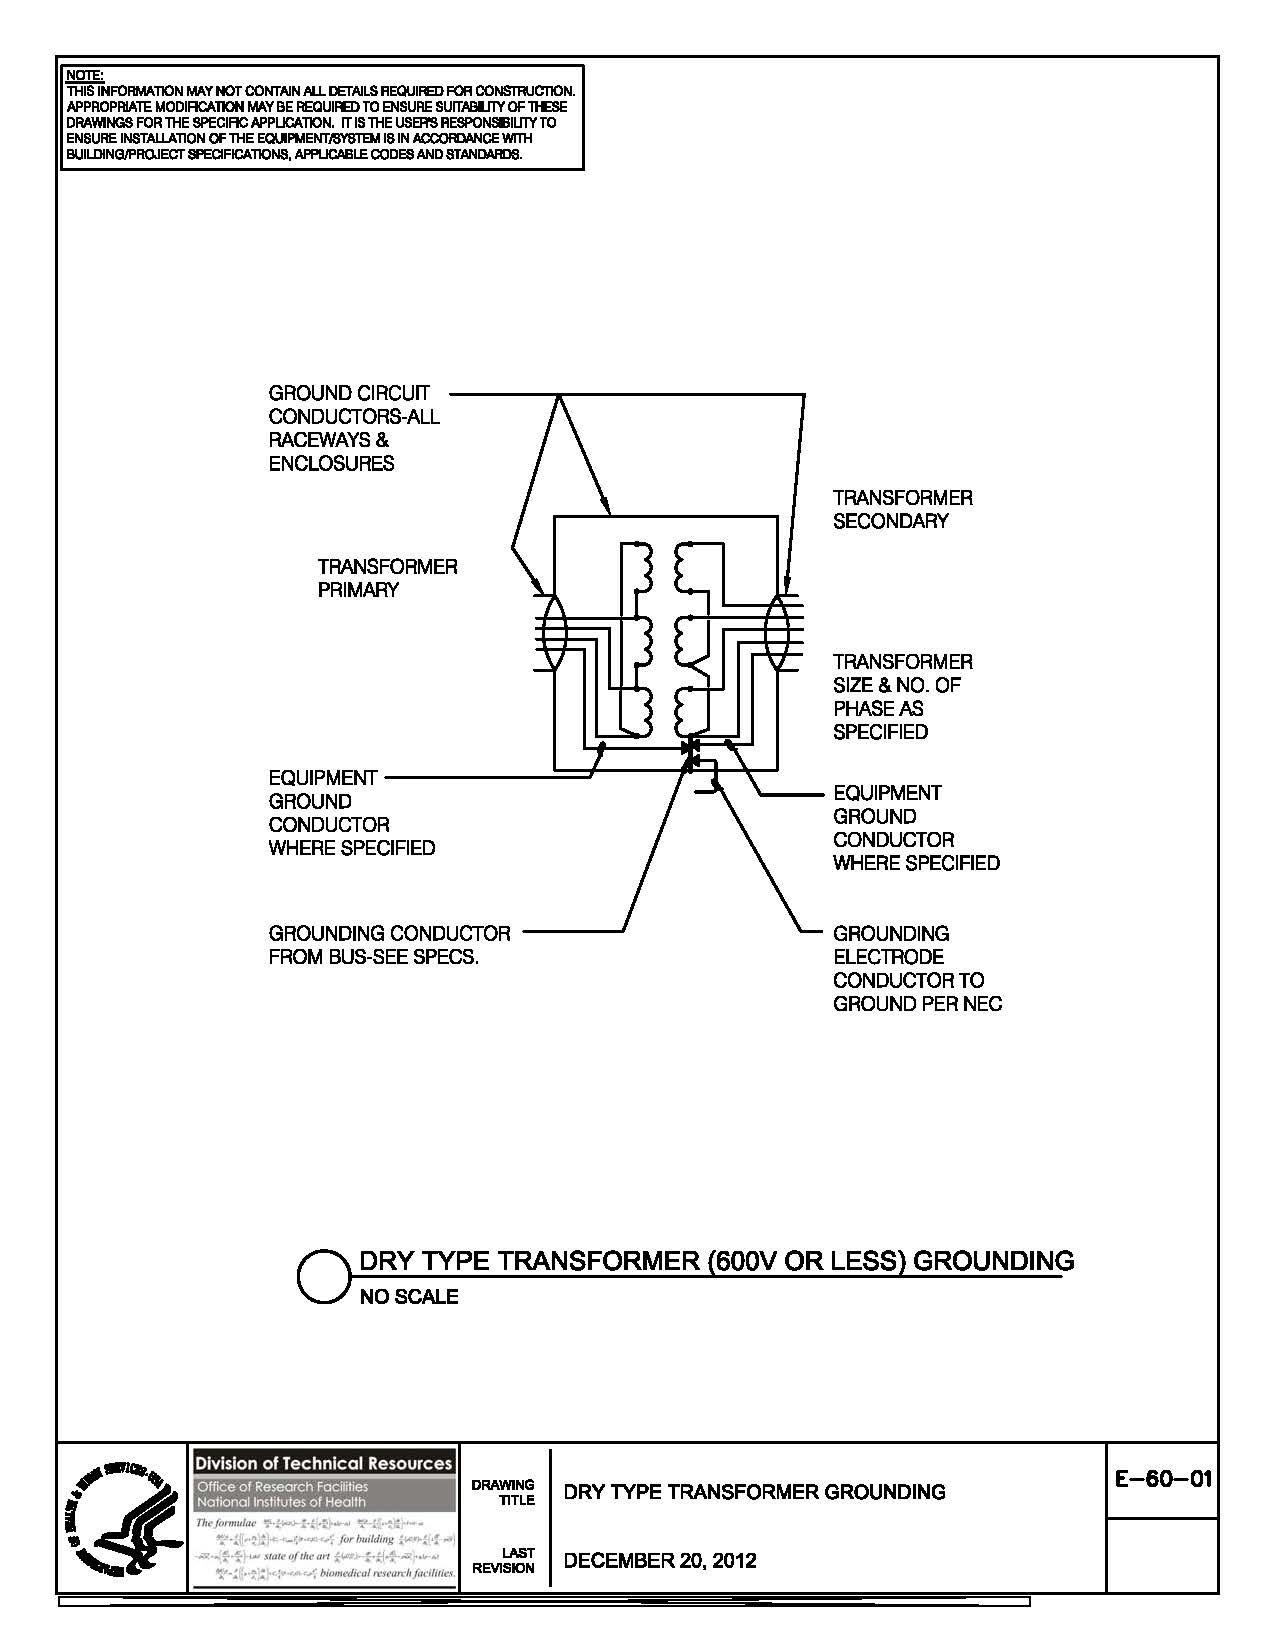 pad mount transformer wiring diagram Collection-Wiring Diagram Ground Symbol 2019 Pad Mount Transformer Wiring Diagram Sample 12-p